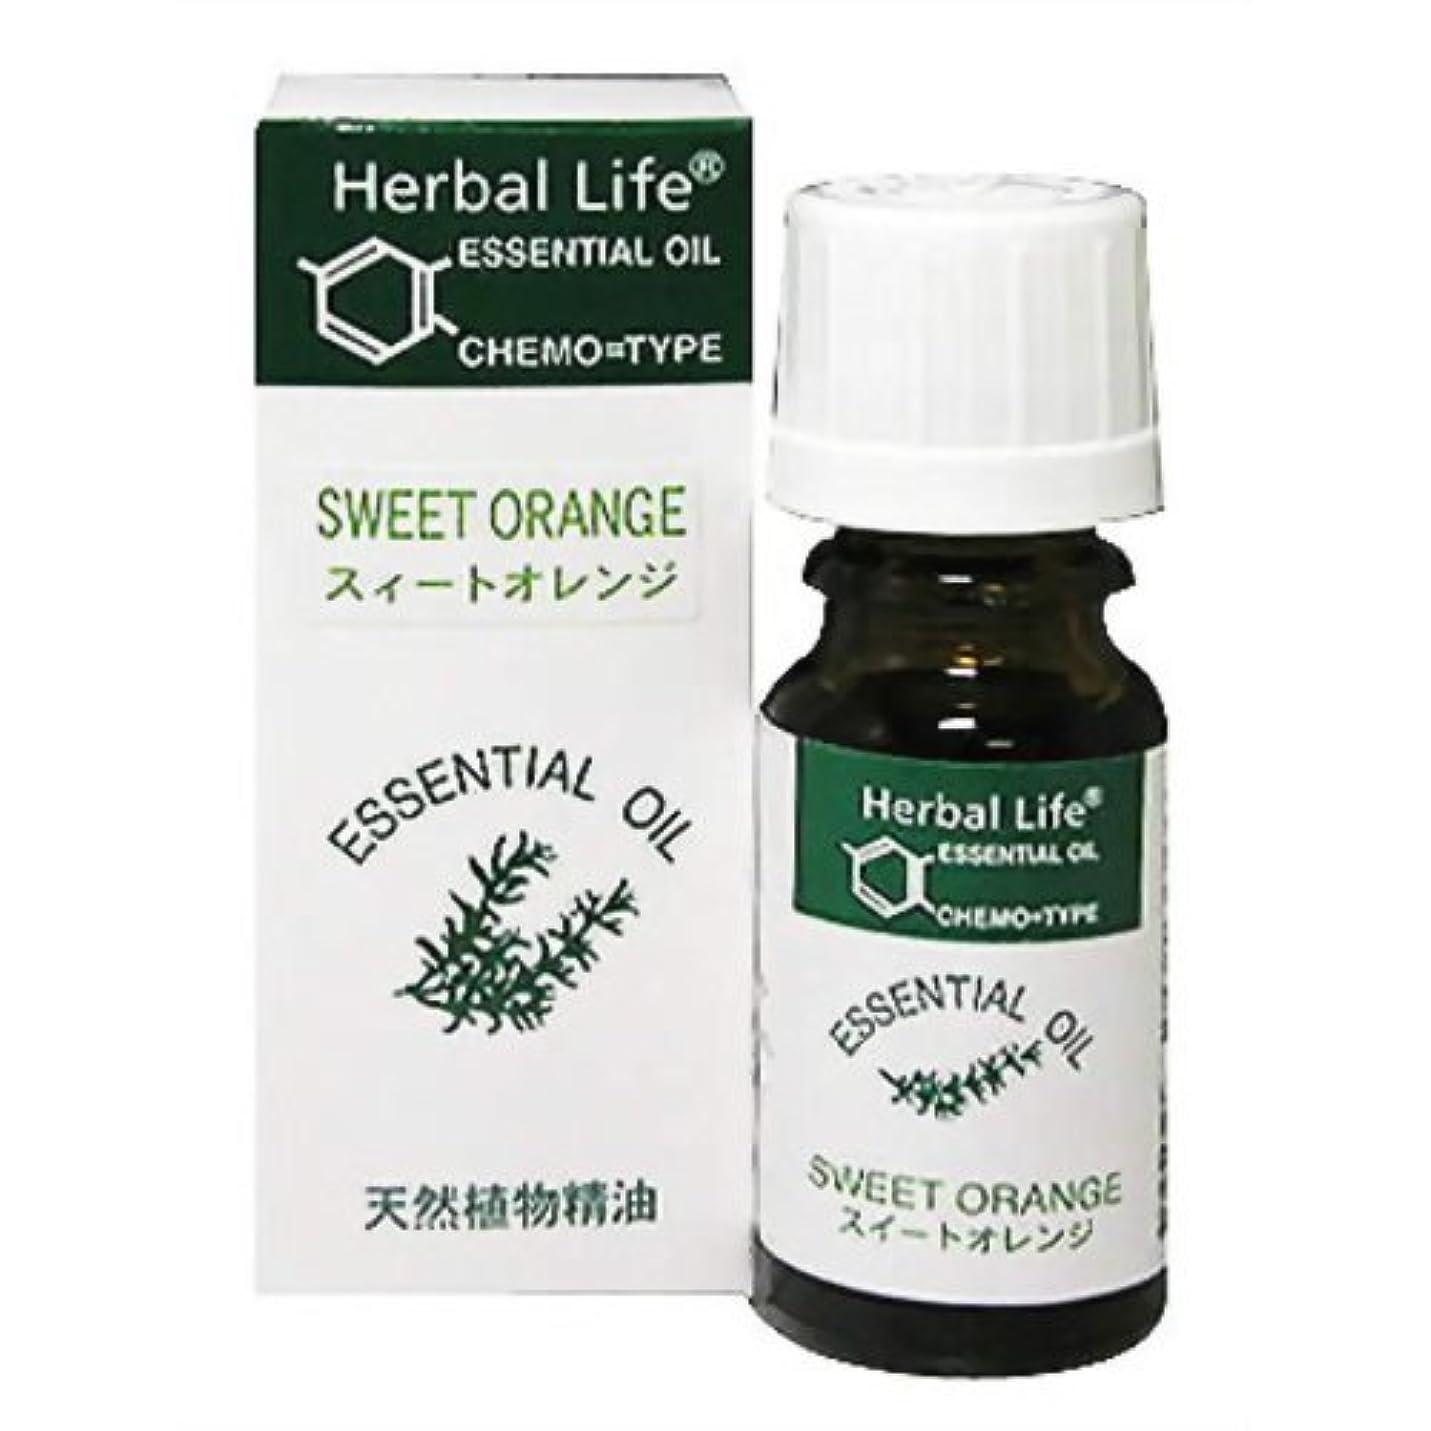 業界安全なインフルエンザ生活の木 Herbal Life スィートオレンジ 10ml